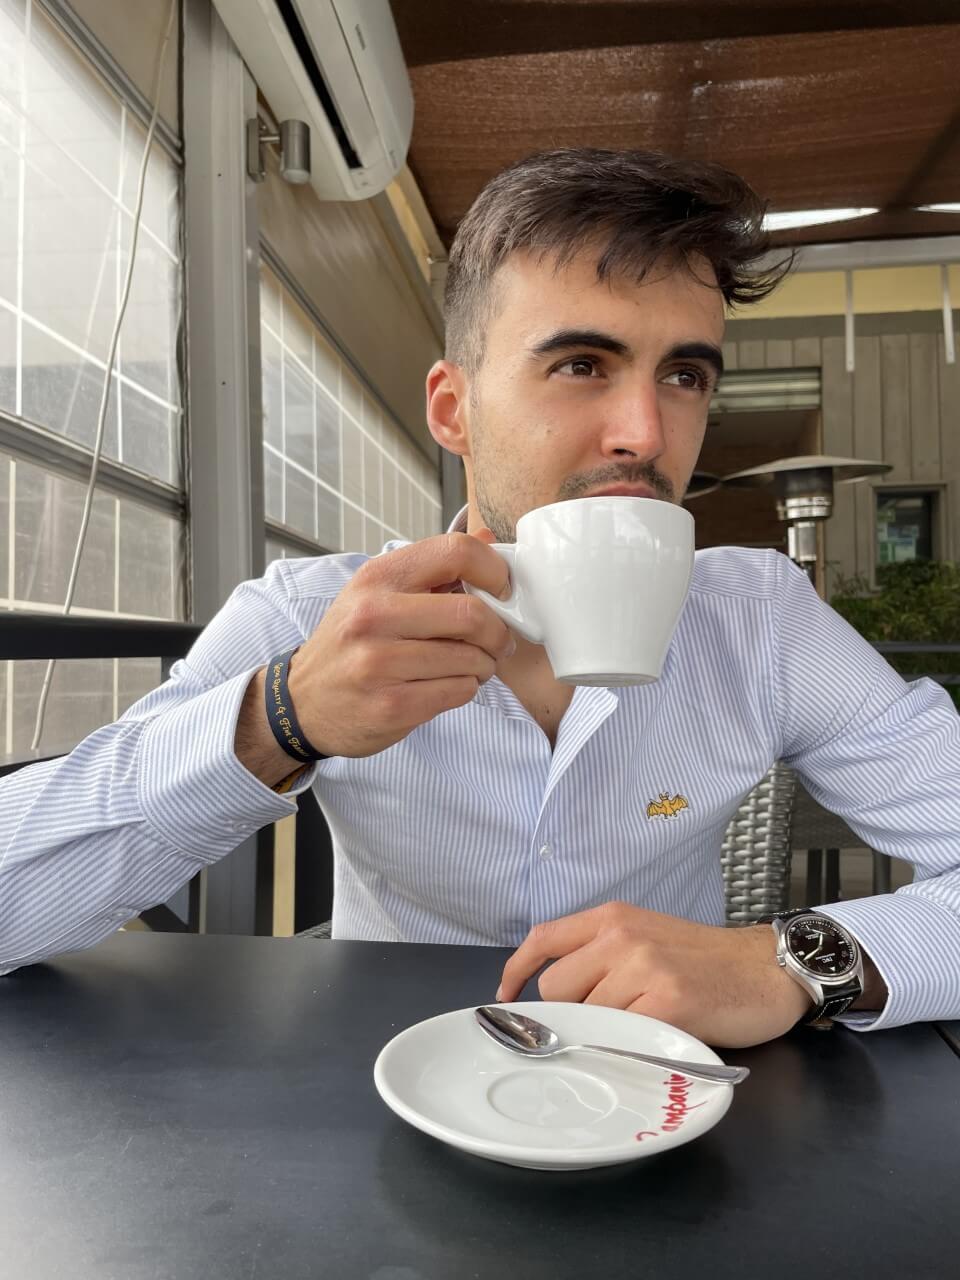 Conocemos a nuestros #Wolherbats: David Fernández, jugador profesional de Padel WPT